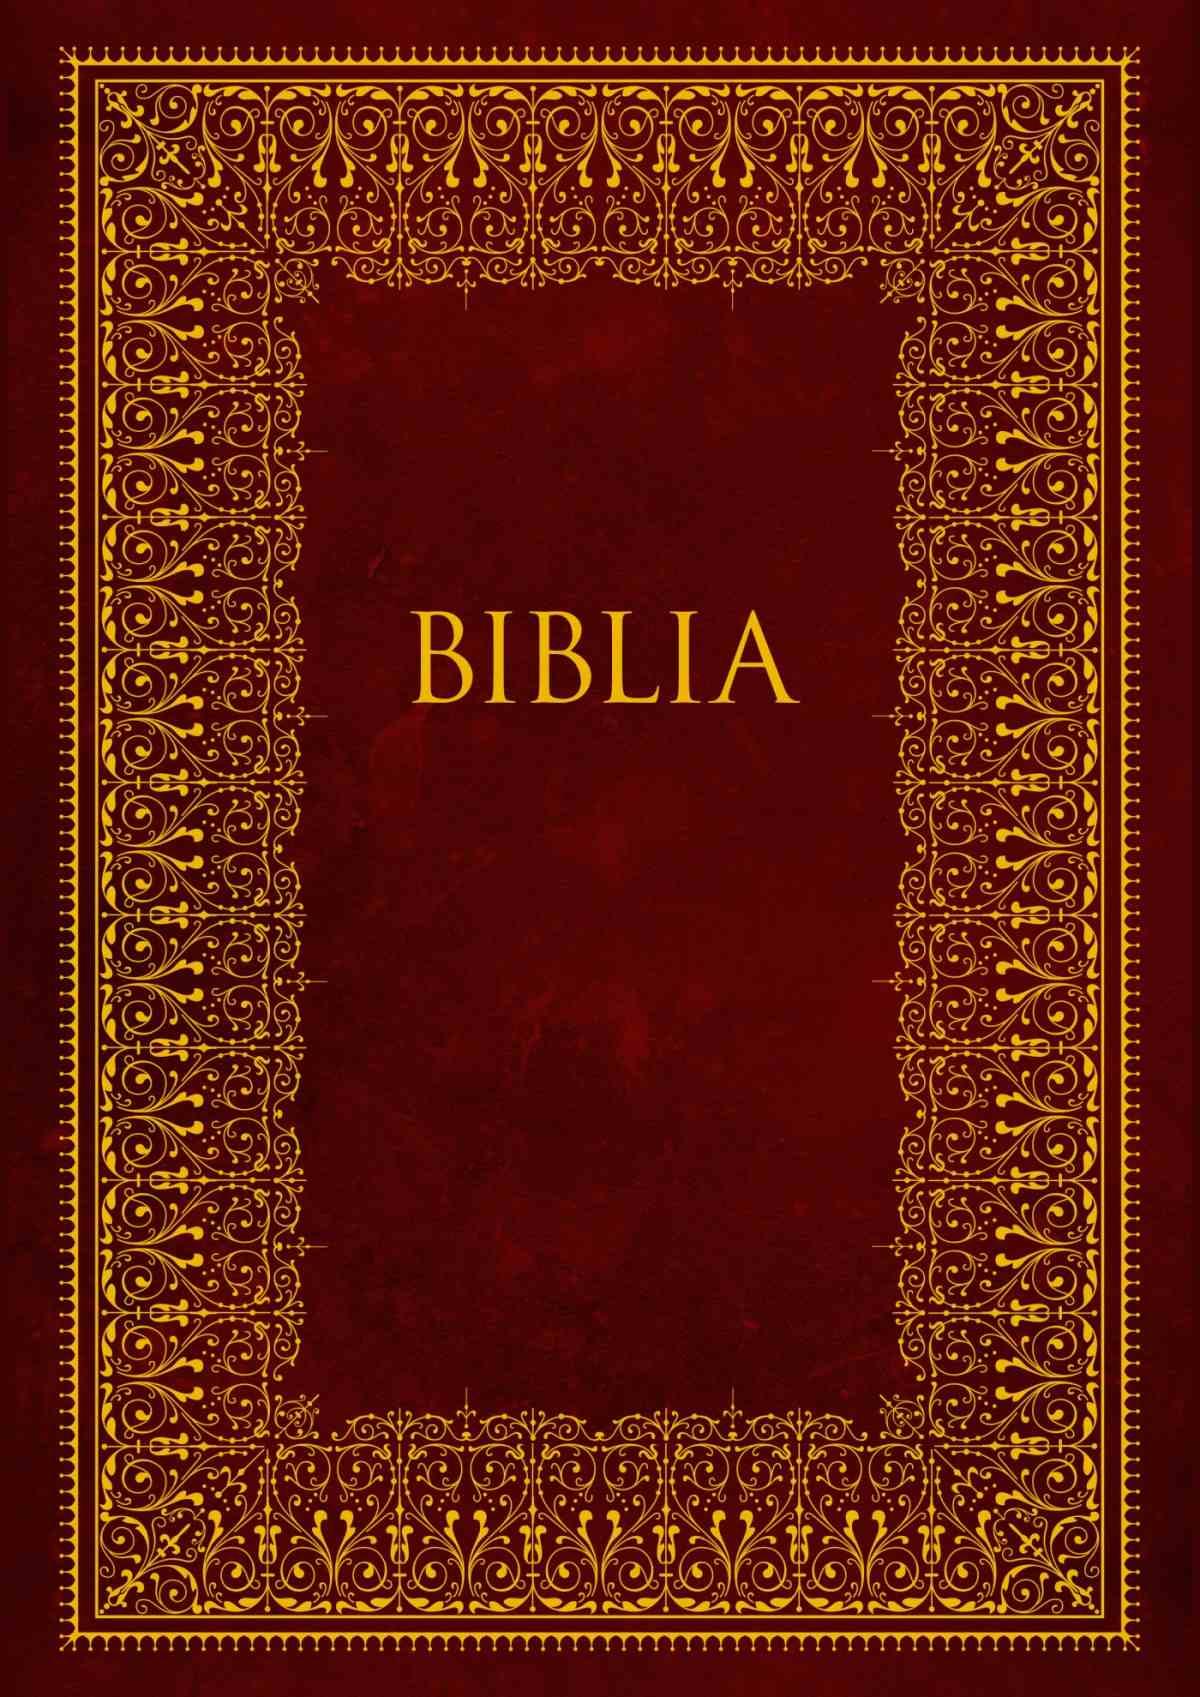 Biblia. Pismo Święte Starego i Nowego Testamentu - Ebook (Książka na Kindle) do pobrania w formacie MOBI